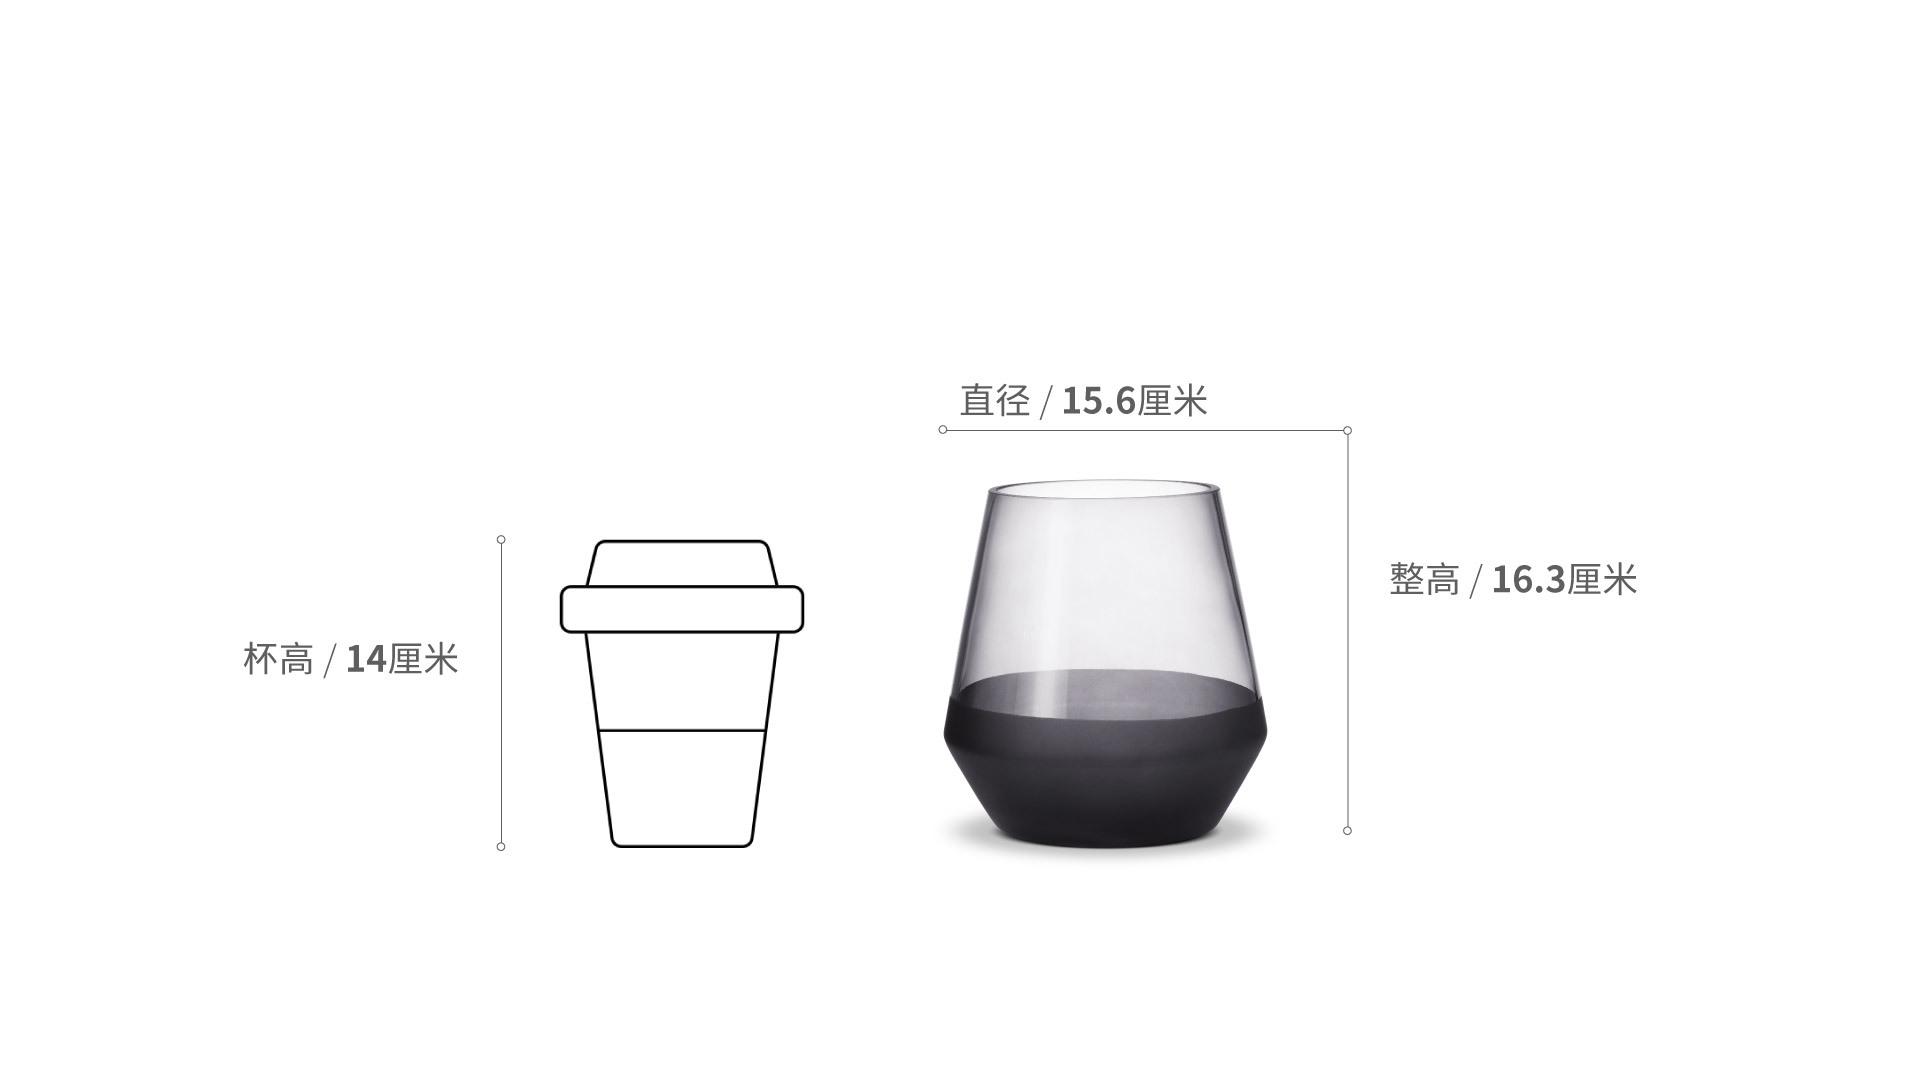 冰川花瓶小号装饰效果图